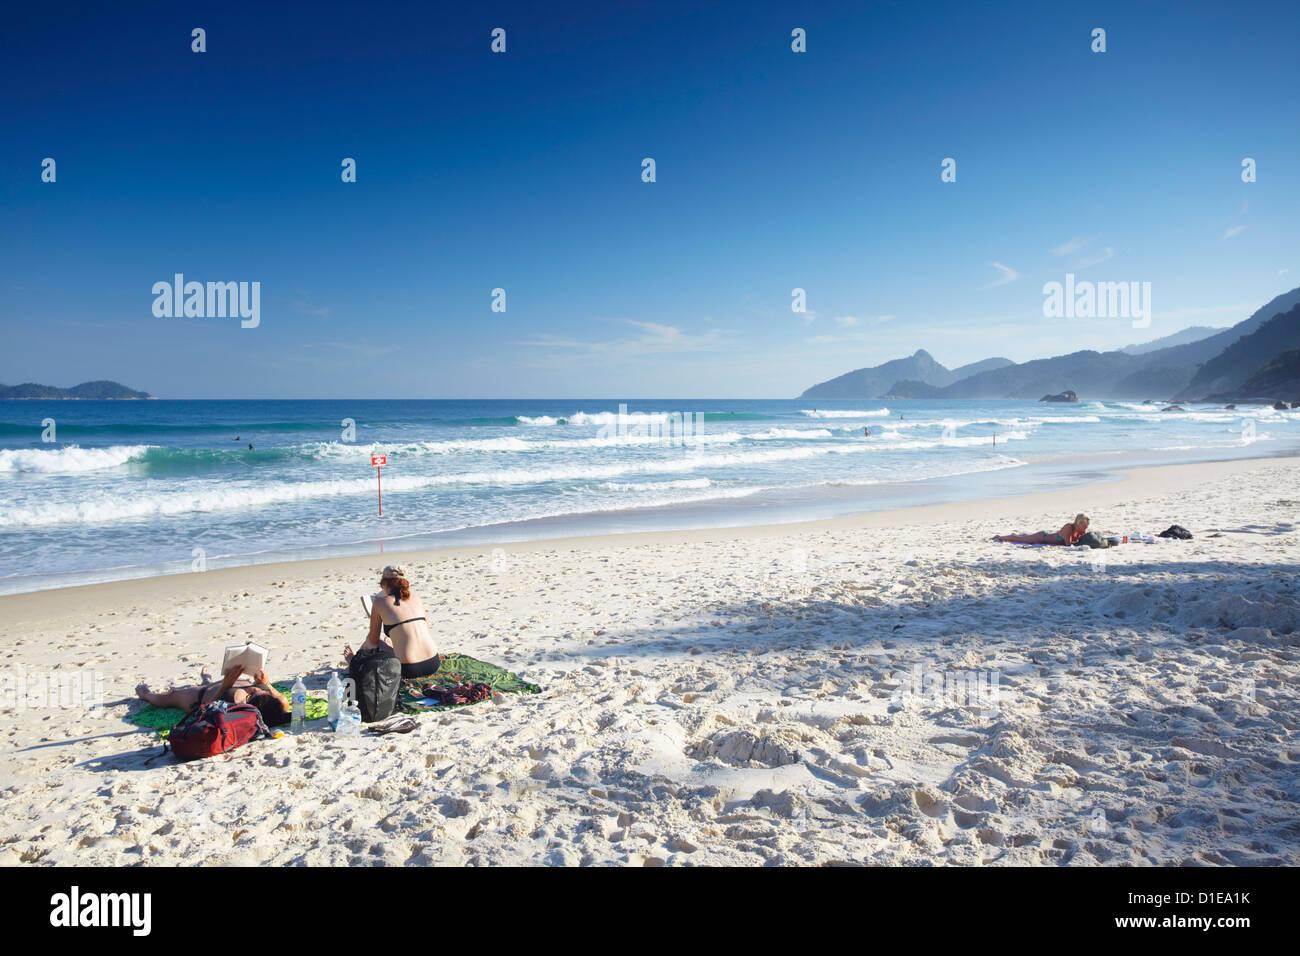 La gente a prendere il sole sul Lopes Mendes beach, Ilha Grande, Stato di Rio de Janeiro, Brasile, Sud America Immagini Stock